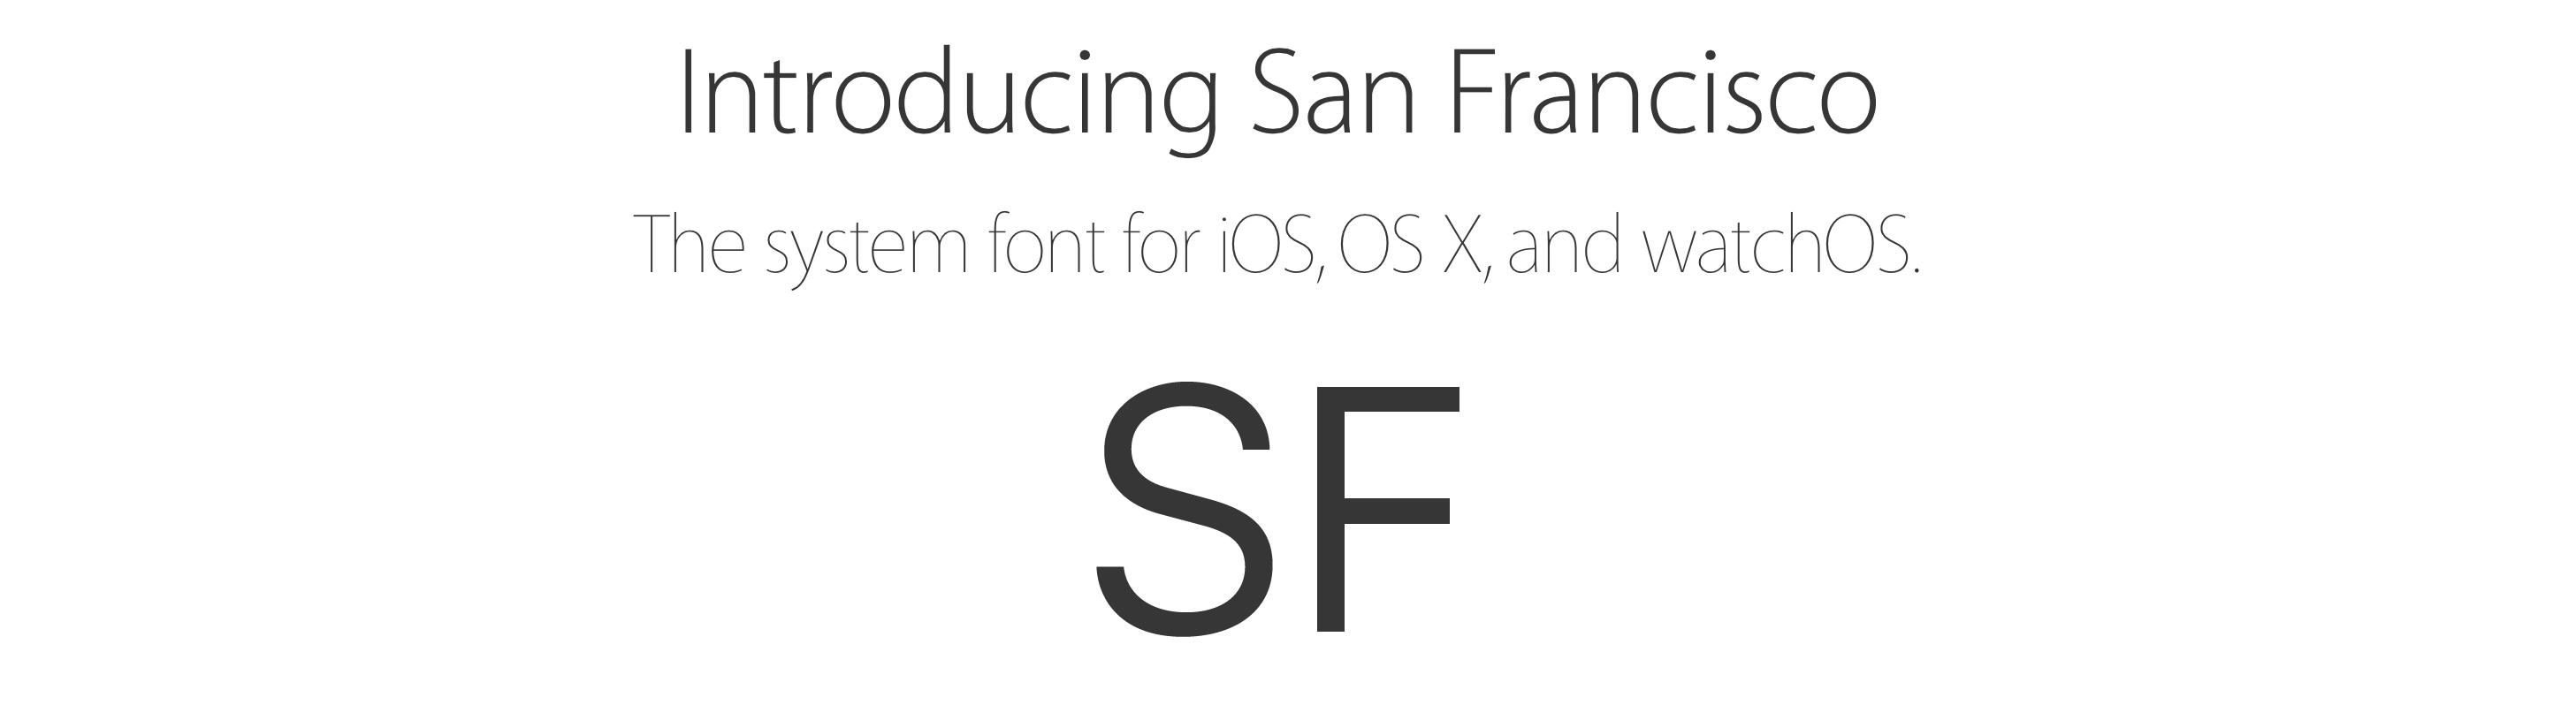 San Francisco display vs text and compact vs normal